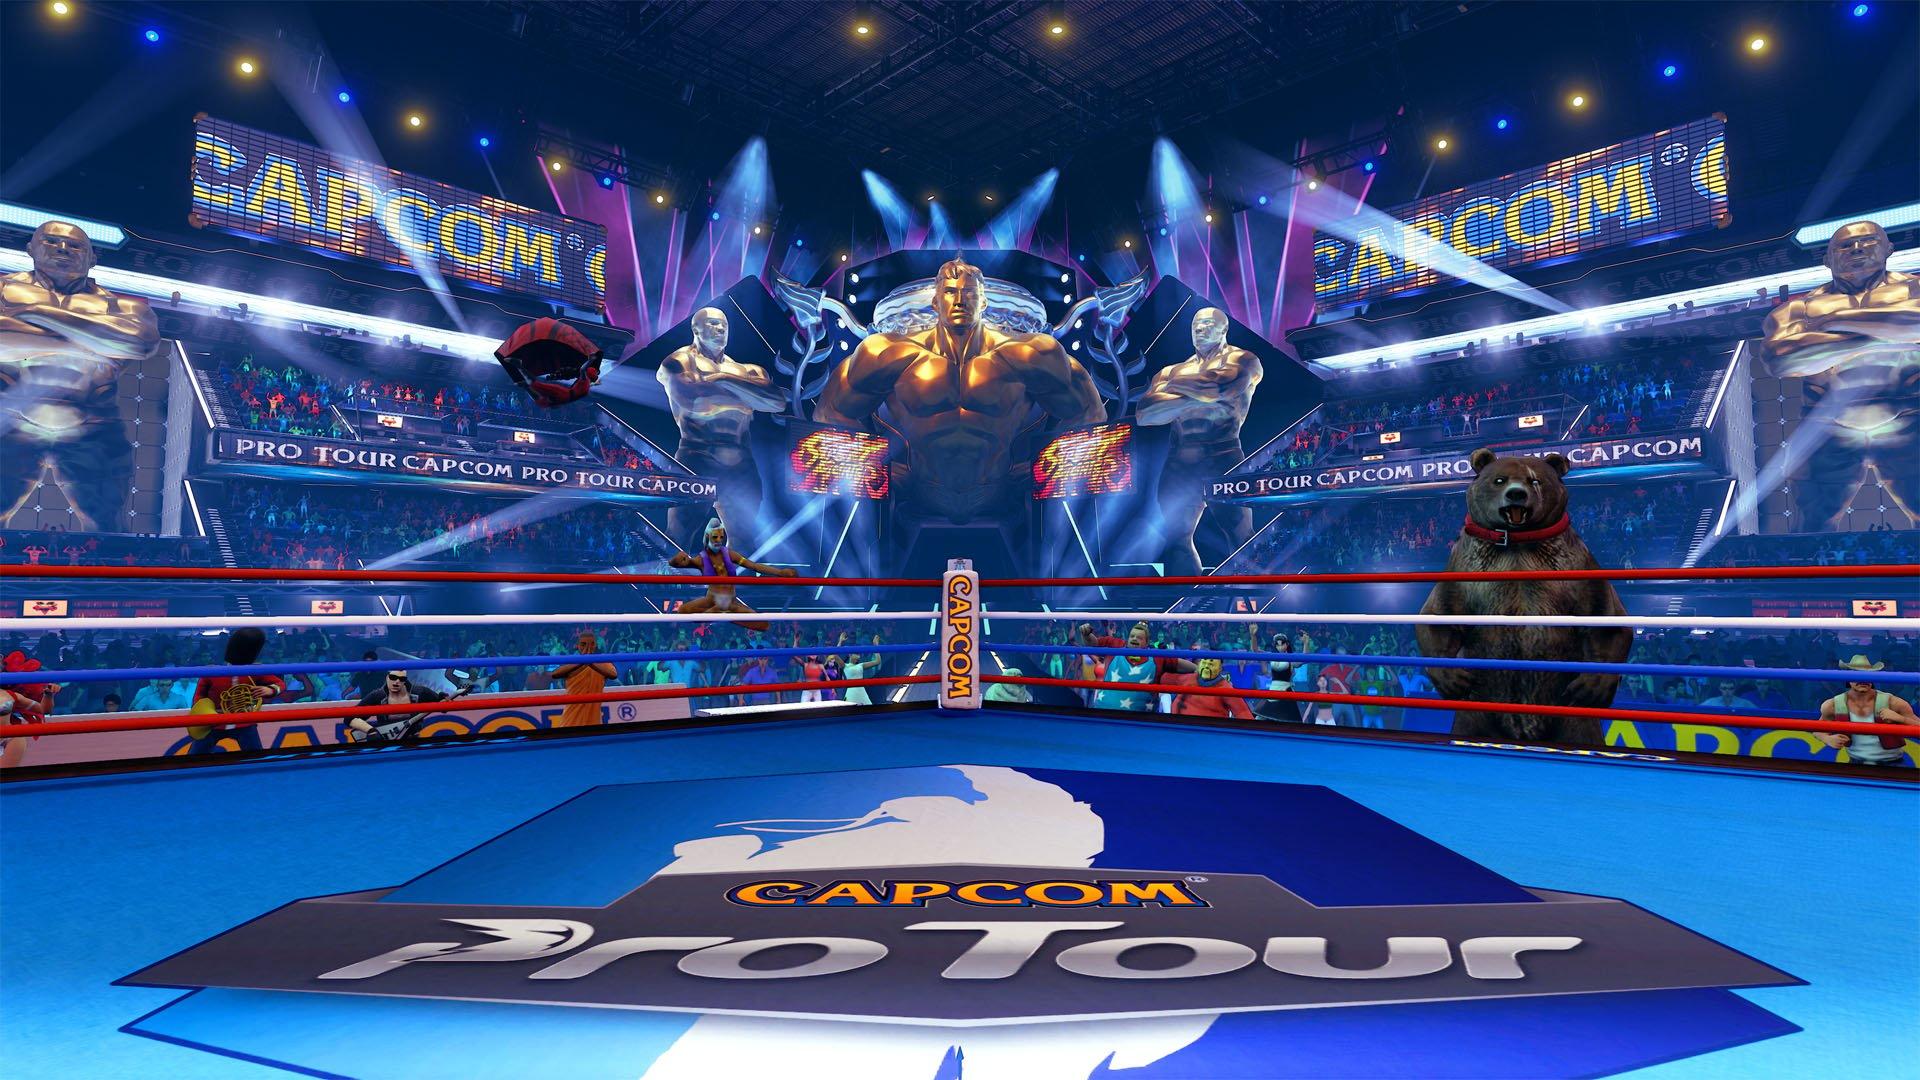 Capcom Pro Tour Premier